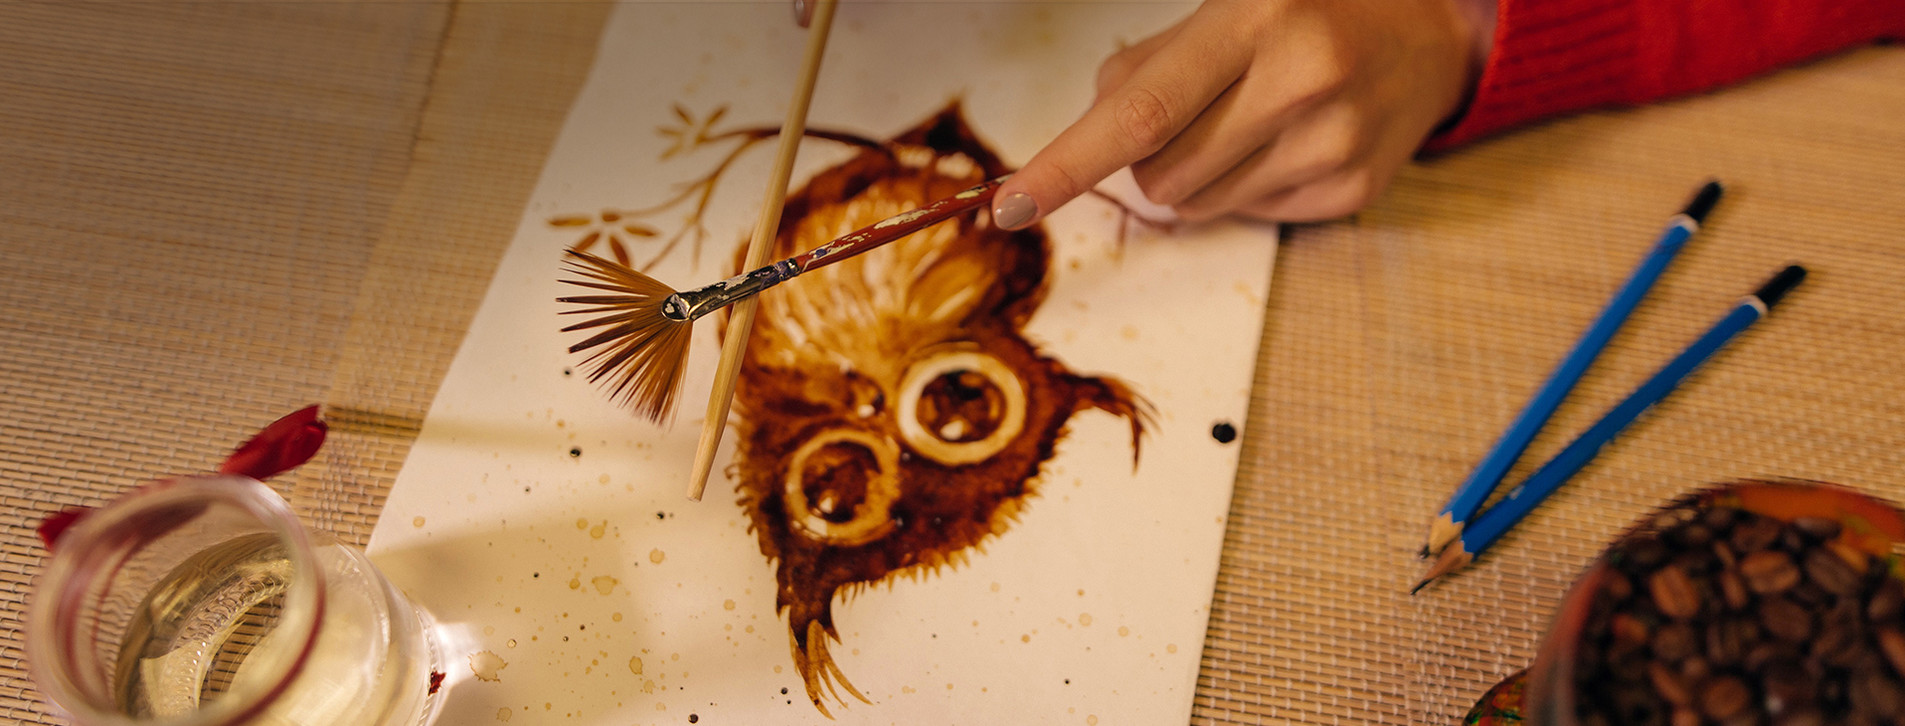 Фото 1 - Мастер-класс кофейной живописи